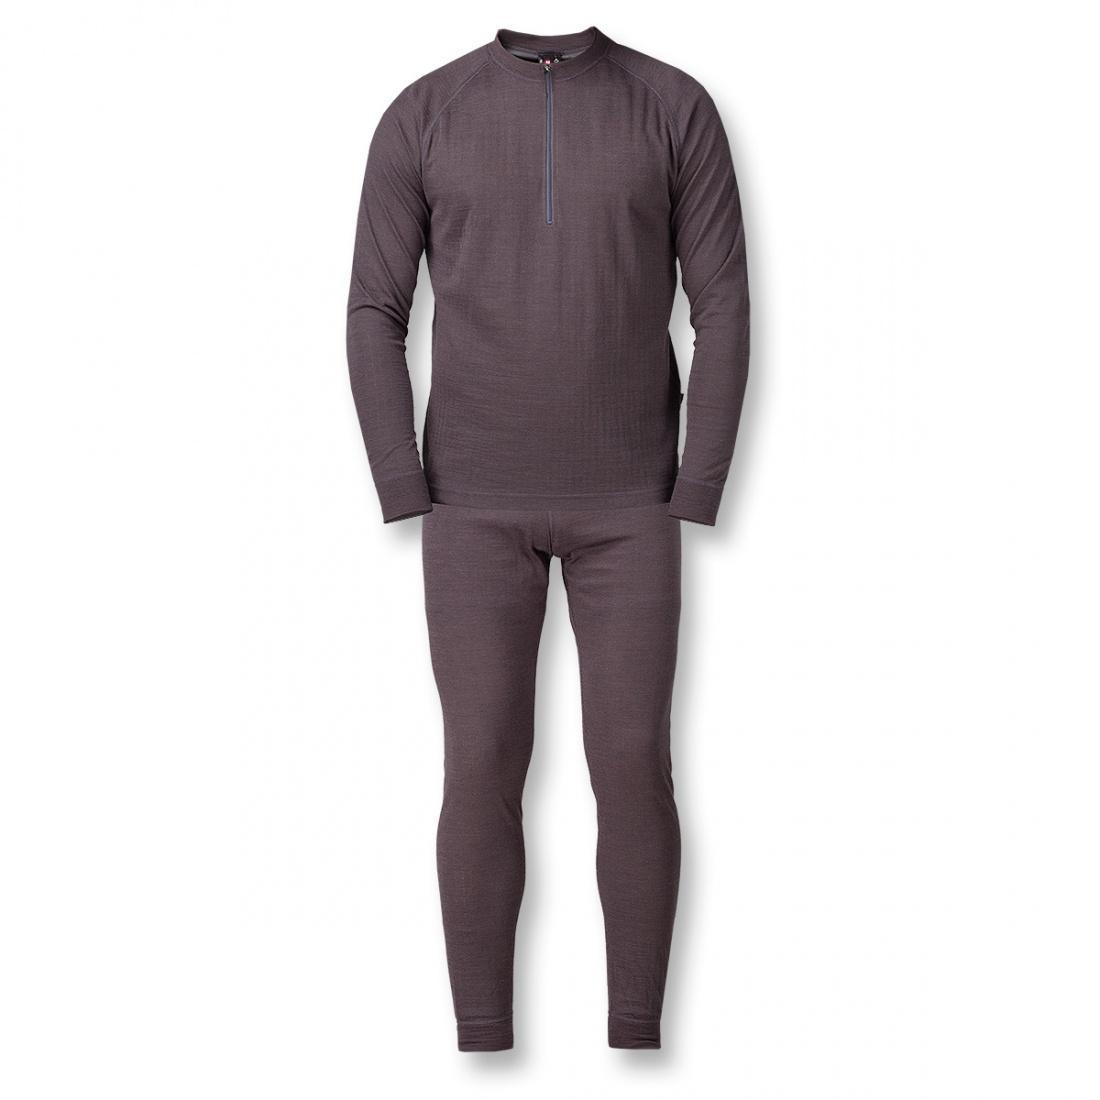 Термобелье костюм Natural Dry ZipКомплекты<br>Теплое белье из смесовой ткани: шерстяные волокна греют, анити акрила и полипропилена добавляют белью эластичности исокращают время исп...<br><br>Цвет: Серый<br>Размер: 60